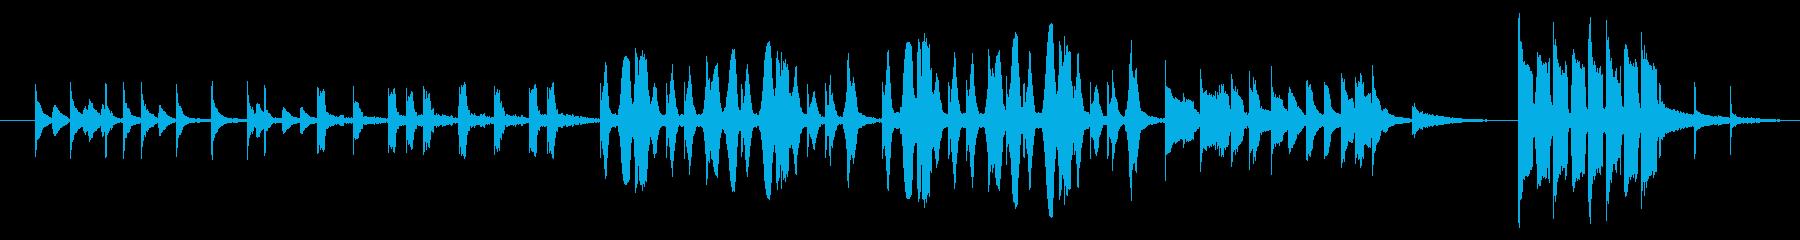 コミカルでやさしい雰囲気のメロディーの再生済みの波形